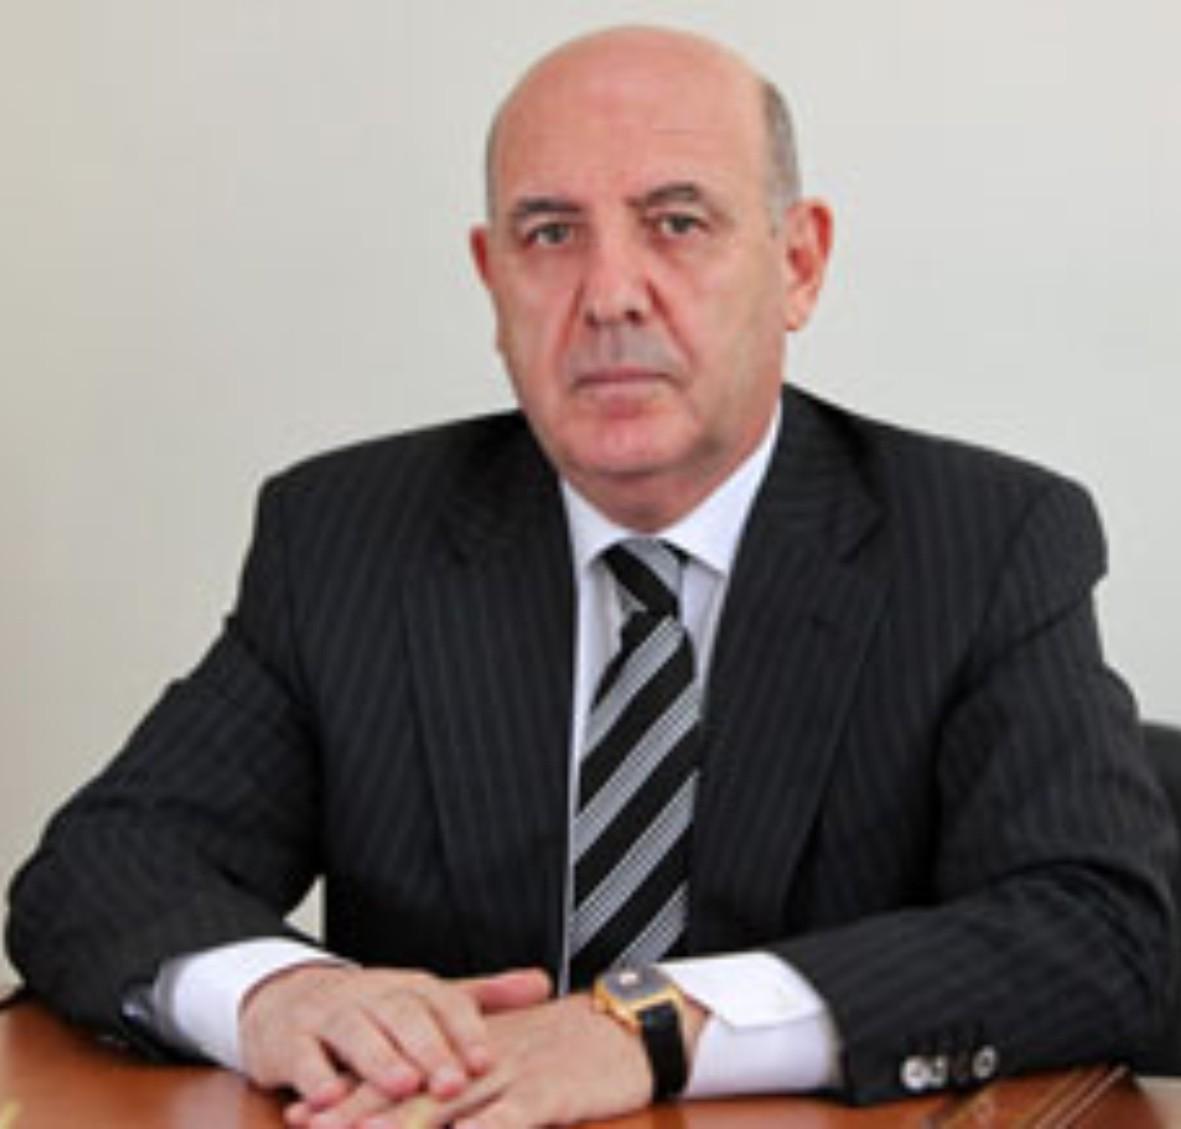 Azərbaycanda insanlarda həkimlərə qarşı nifrət hissi yaradırlar